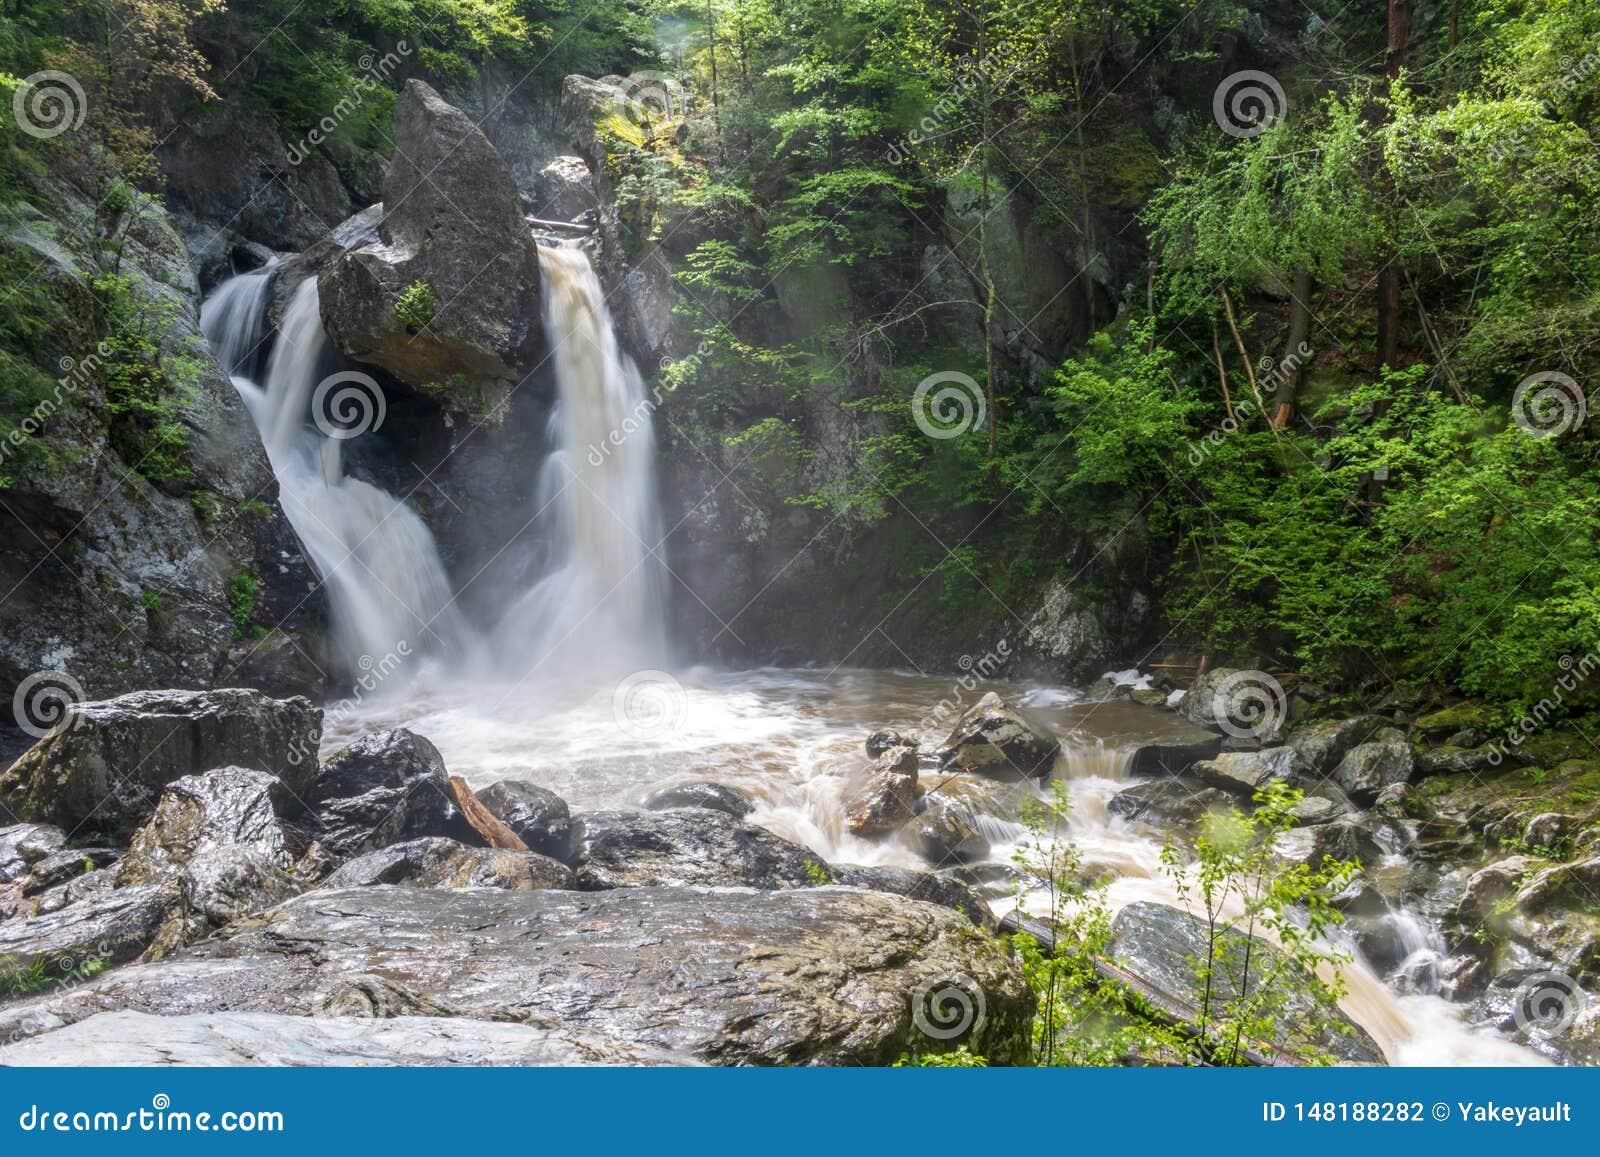 Horizontal image of Bash Bish Falls